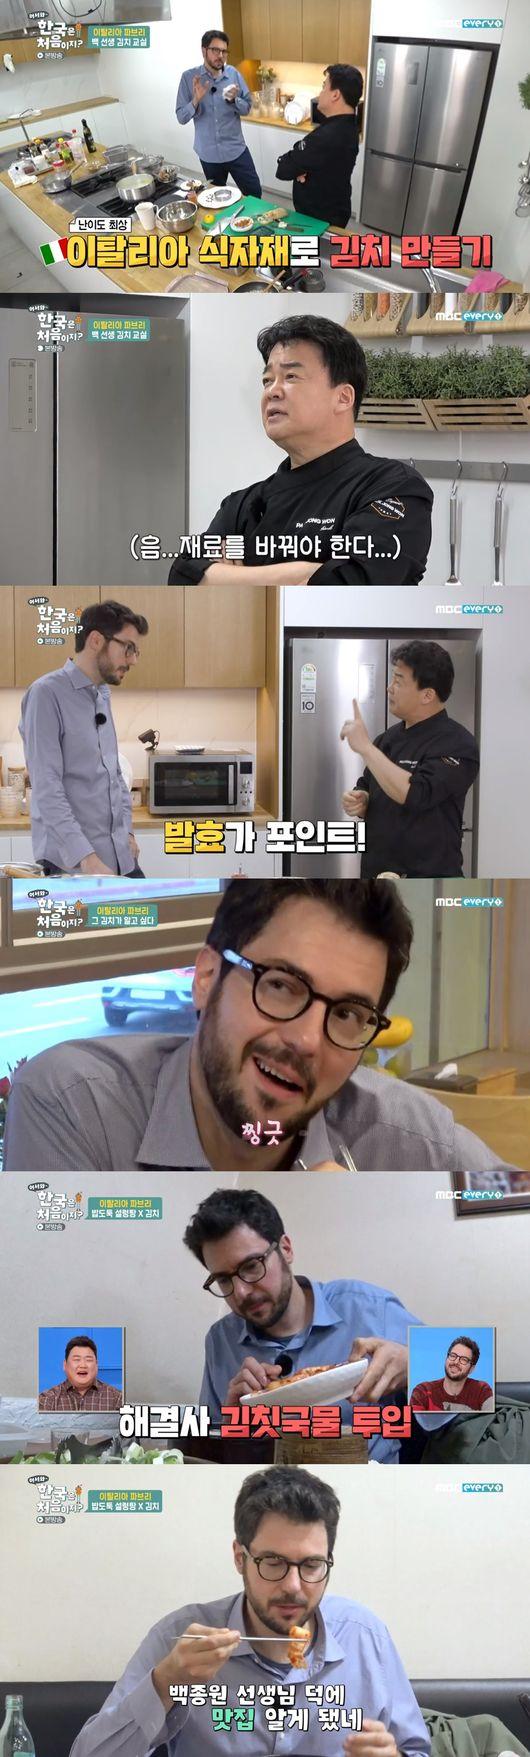 어서와 한국은 파브리, 이영숙 명인과 함께 이탈리아식 김치 만들기 (ft.백종원 꿀팁) [종합]